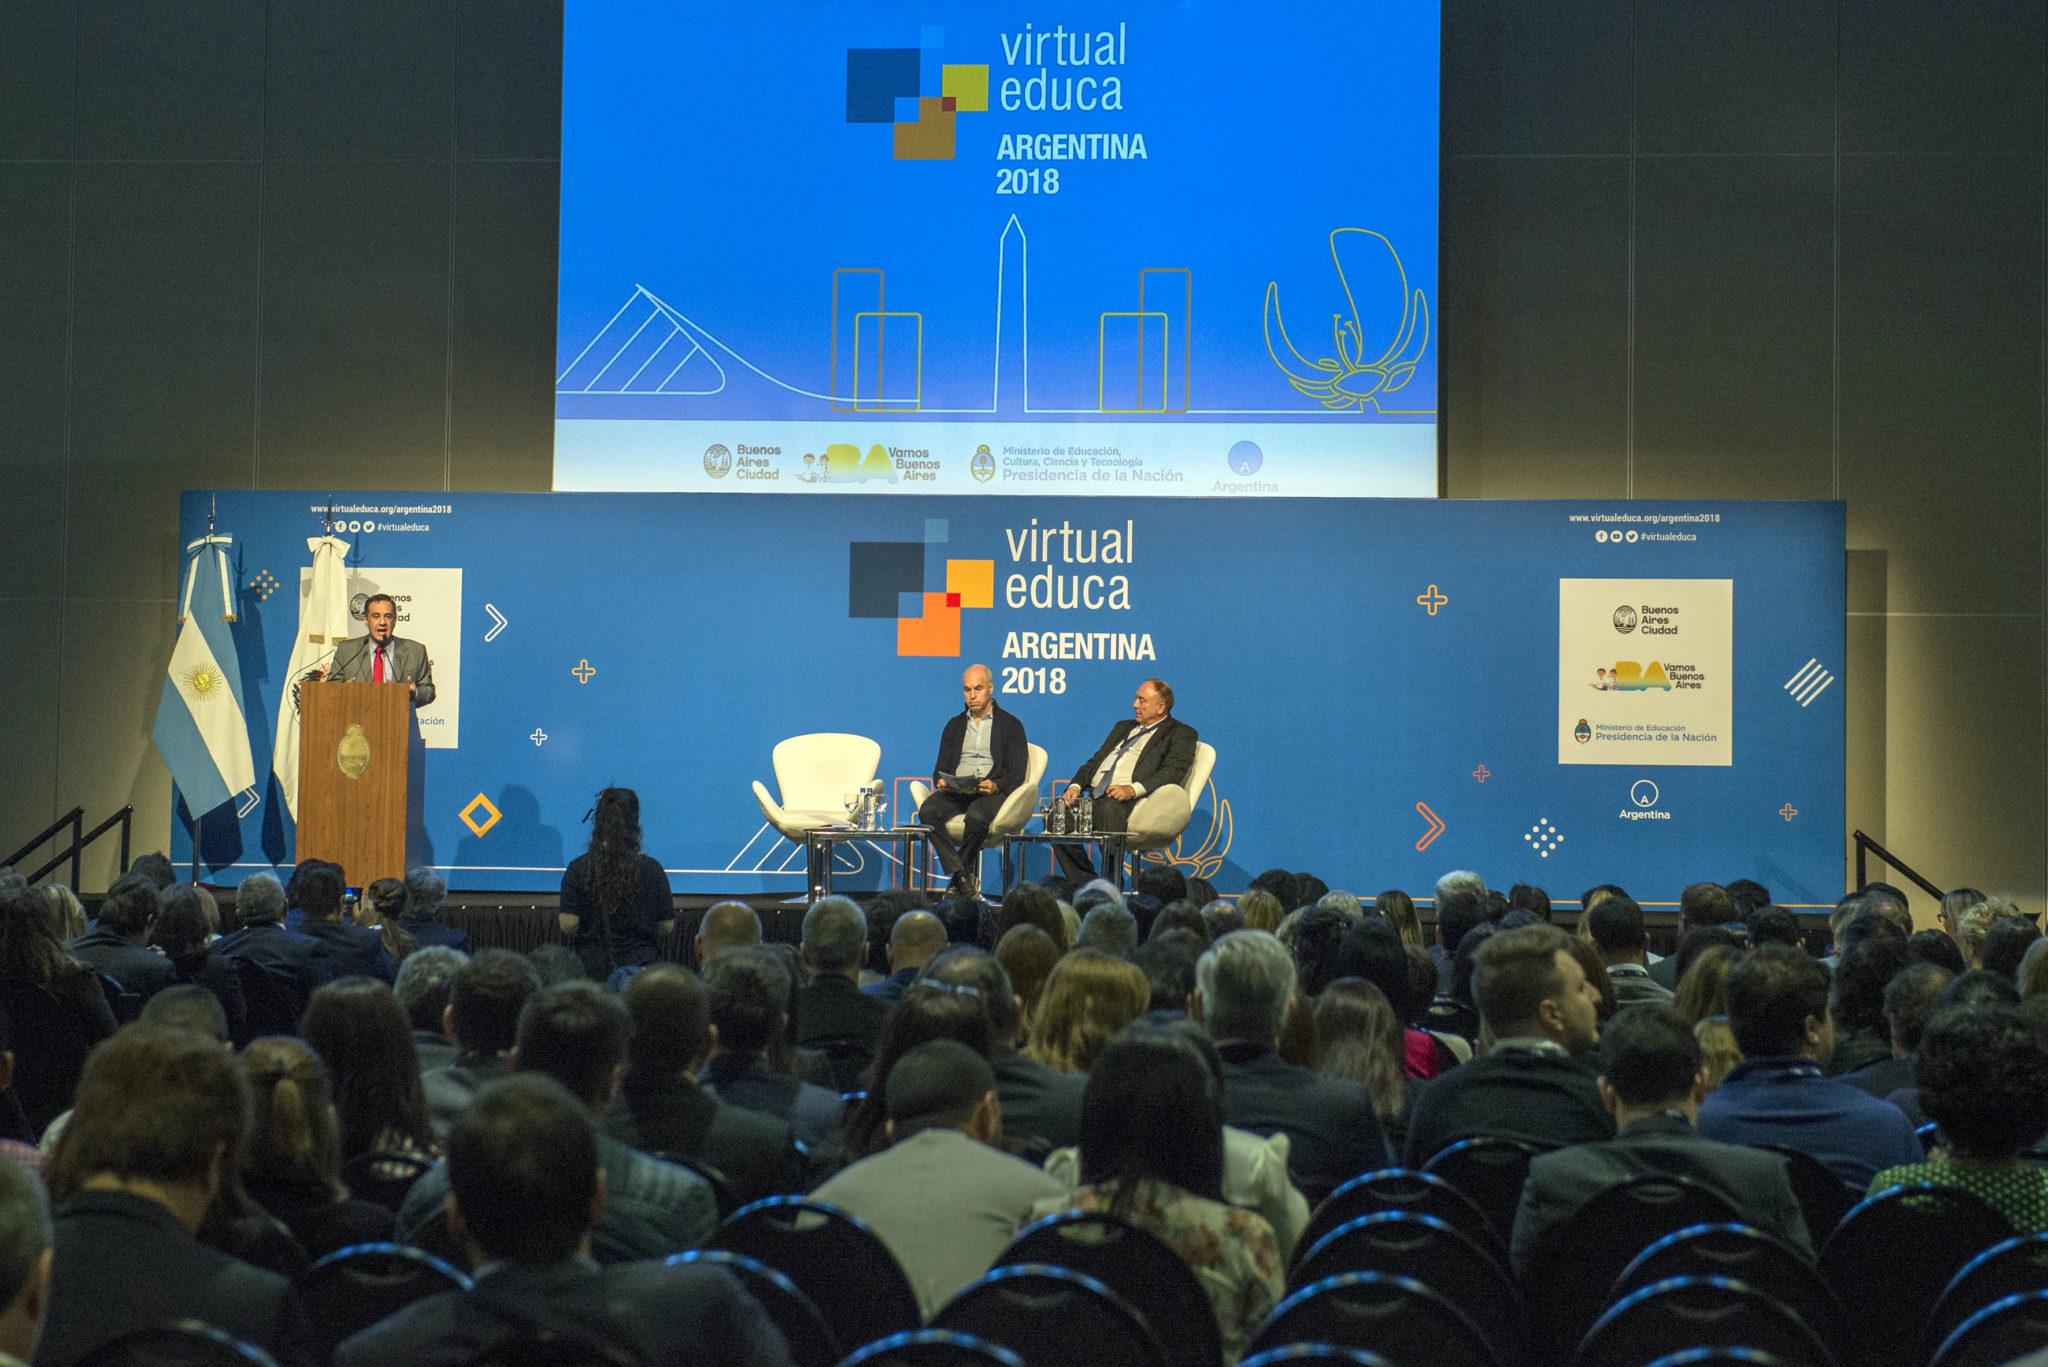 Abrió sus puertas el Encuentro Internacional Virtual Educa Argentina, referente mundial en innovación educativa